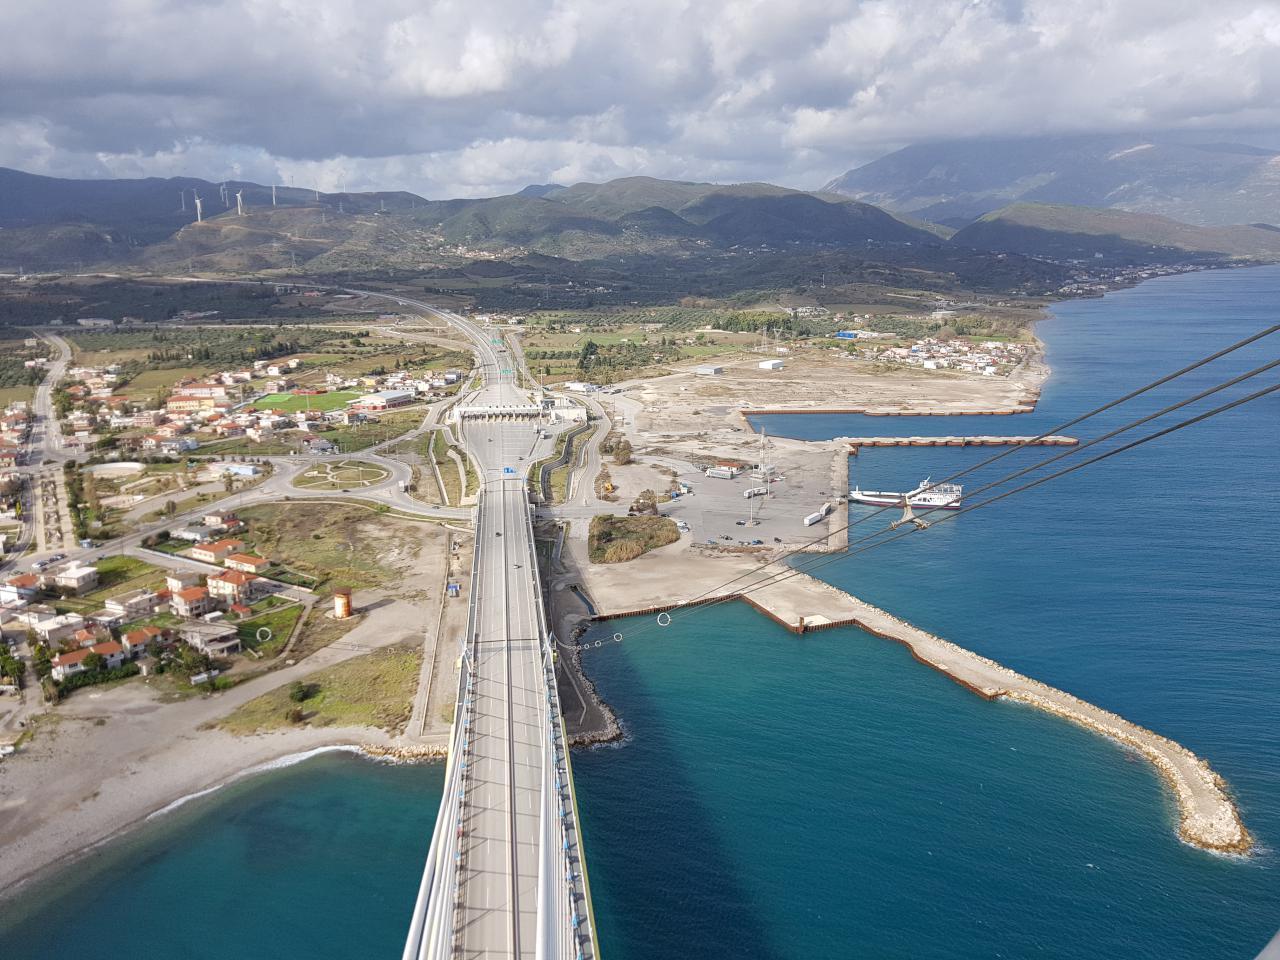 Έναρξη διεθνούς διαγωνισμού για τον πρώην εργοταξιακό χώρο του έργου ζεύξης Ρίου – Αντιρρίου